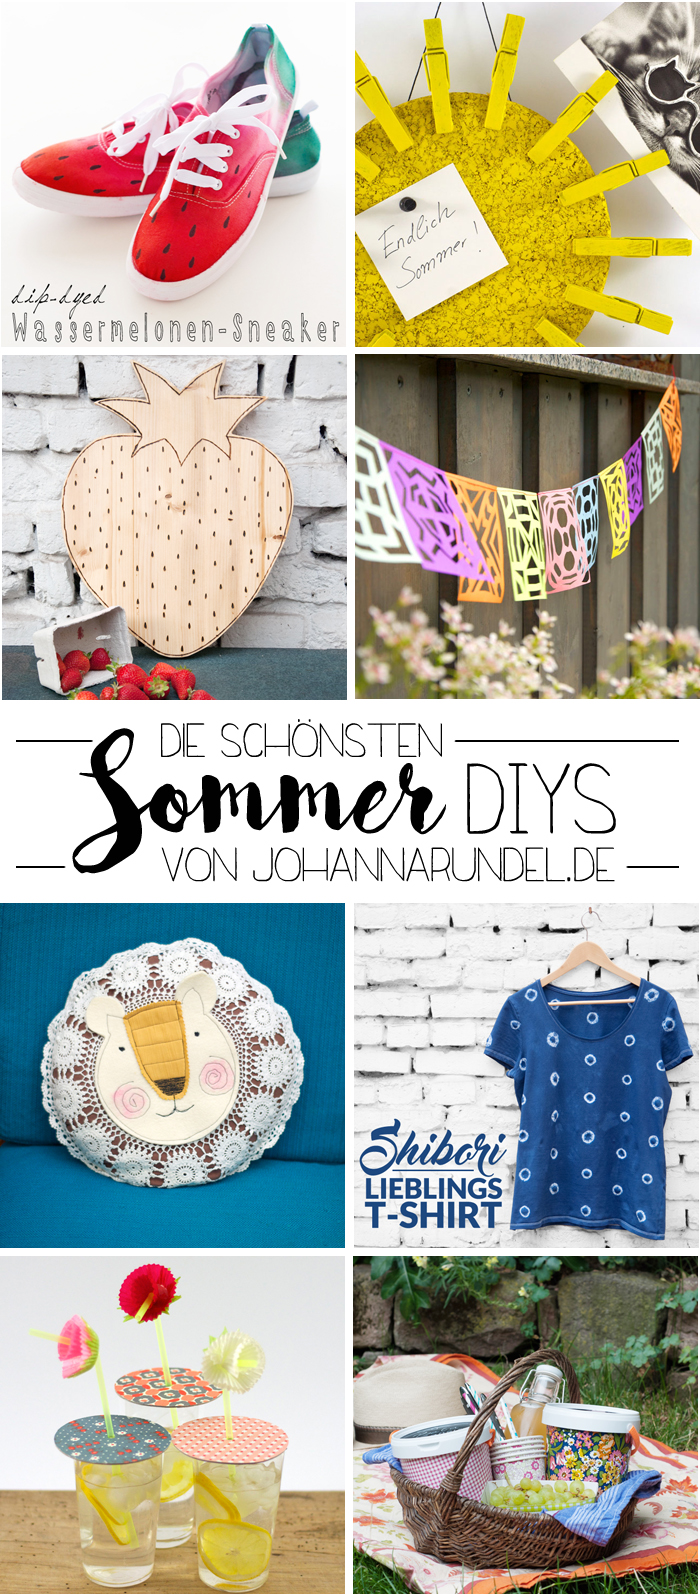 Die schönsten Sommer-DIYs von johannarundel.de. Ob Upcycling, Partygirlande oder Shibori-T-Shirt hier zeige ich dir meine schönsten Tutorials für den Sommer